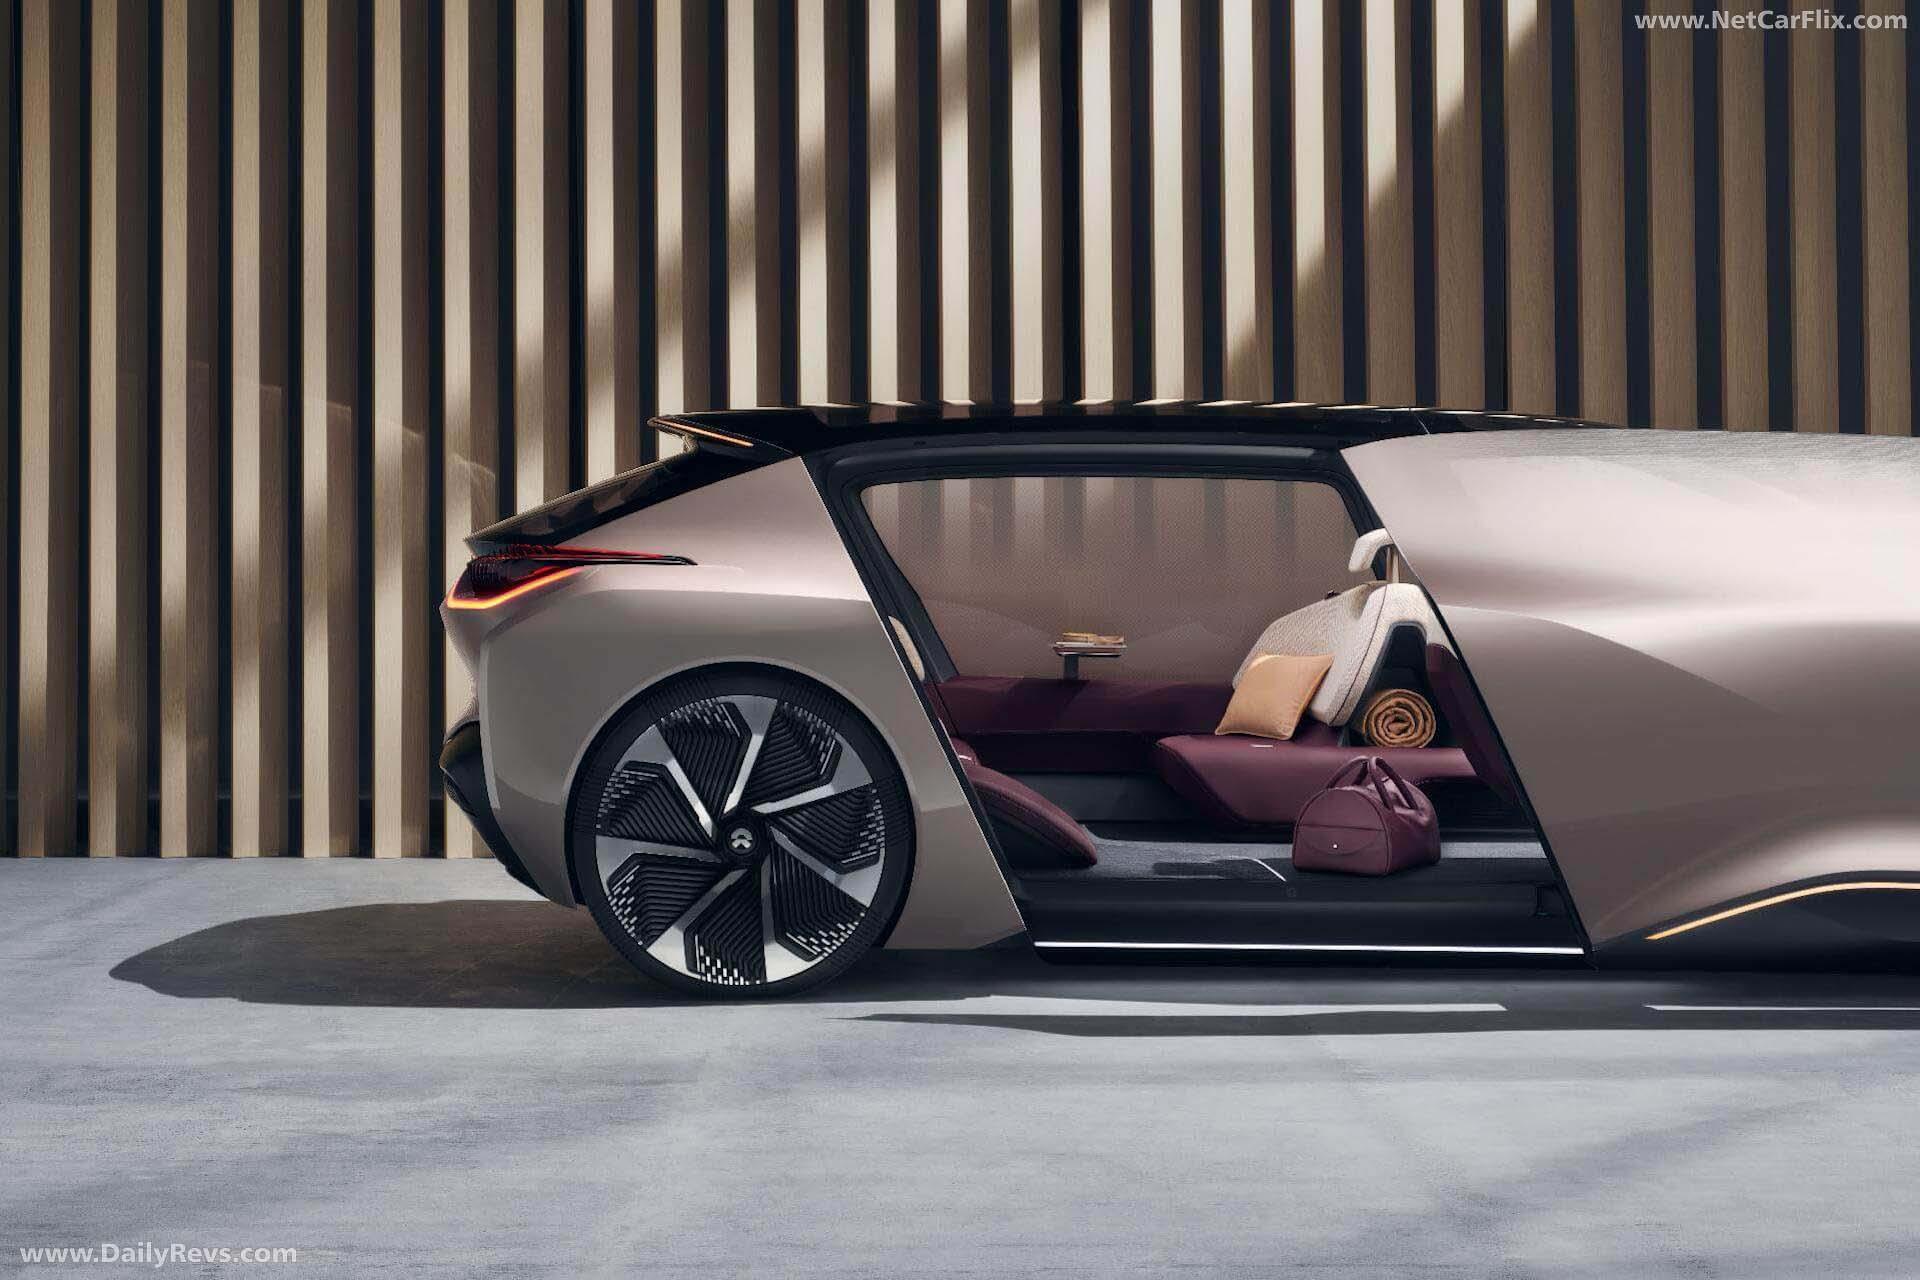 2020 NIO EVE Concept full